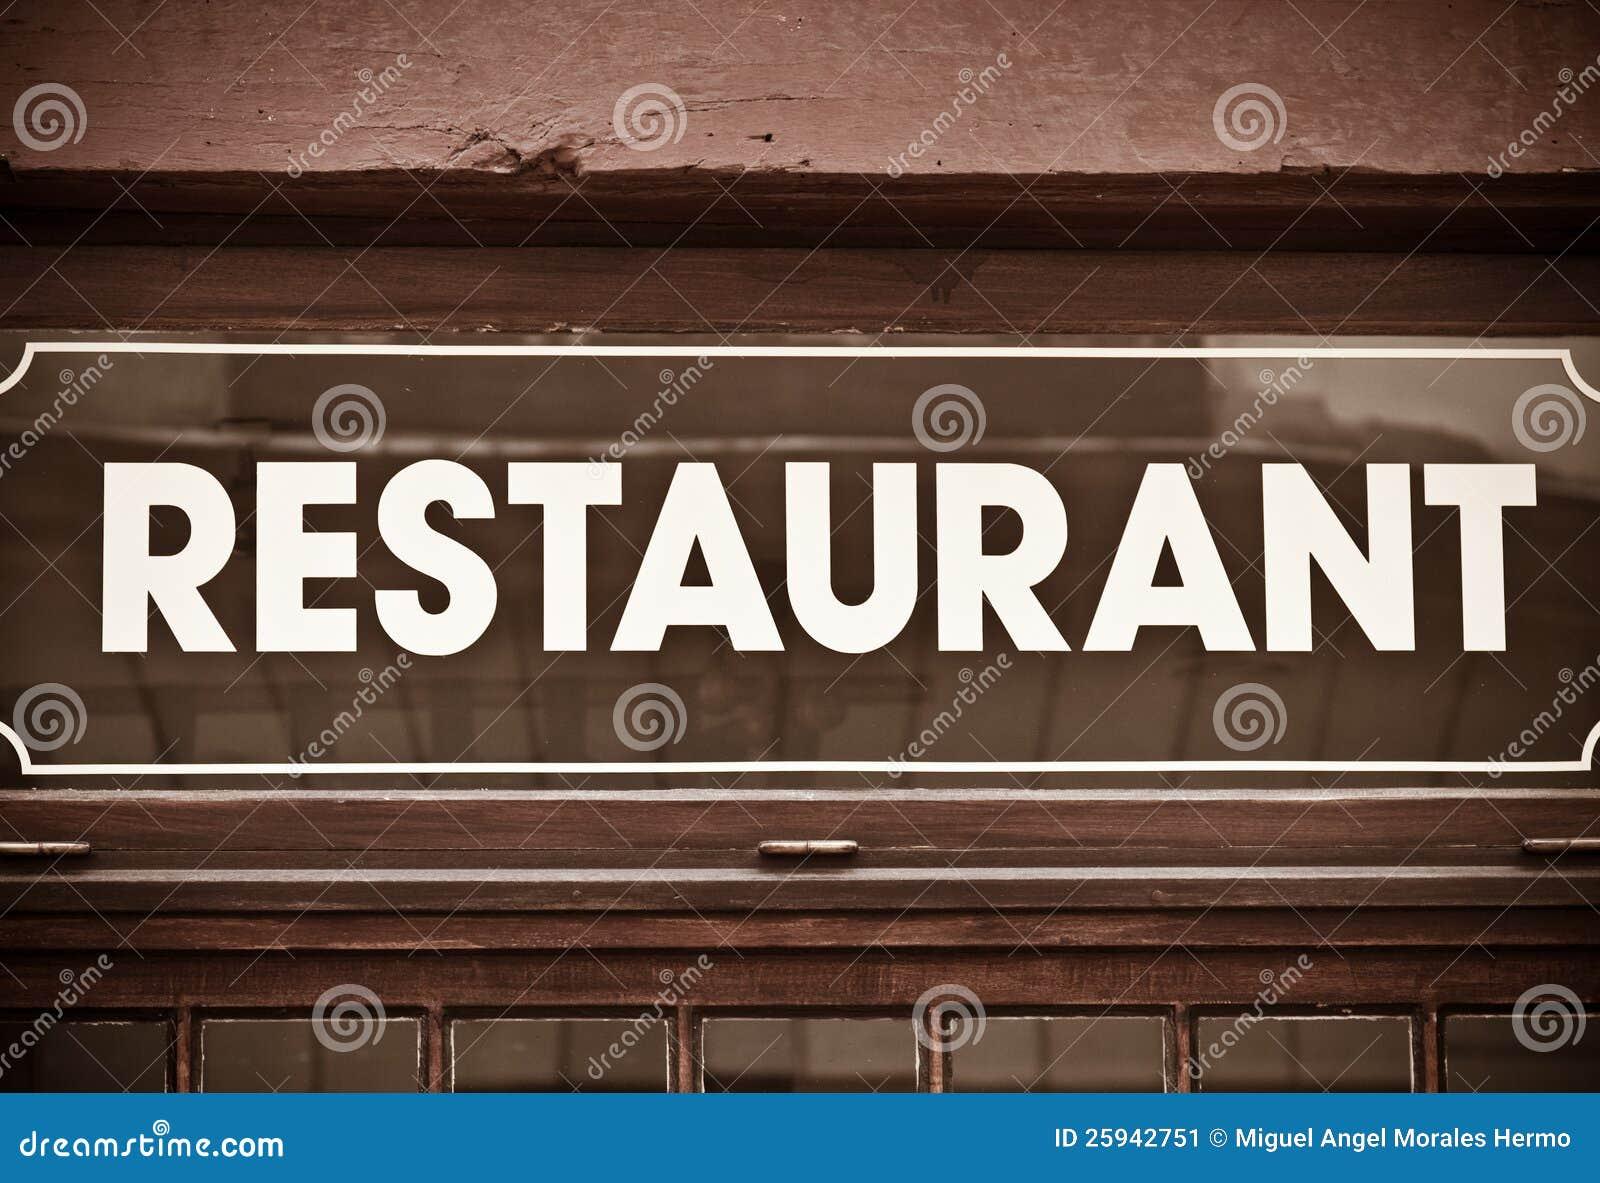 Restaurant stock image image 25942751 for The restaurant